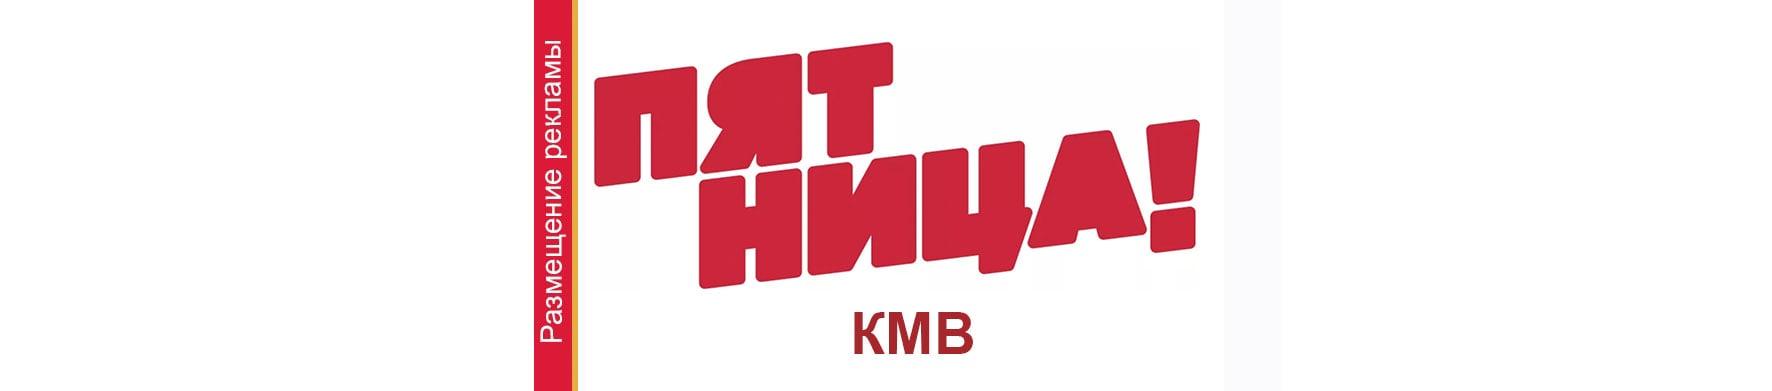 Реклама на телевидении в Ставропольском крае Пятница КМВ